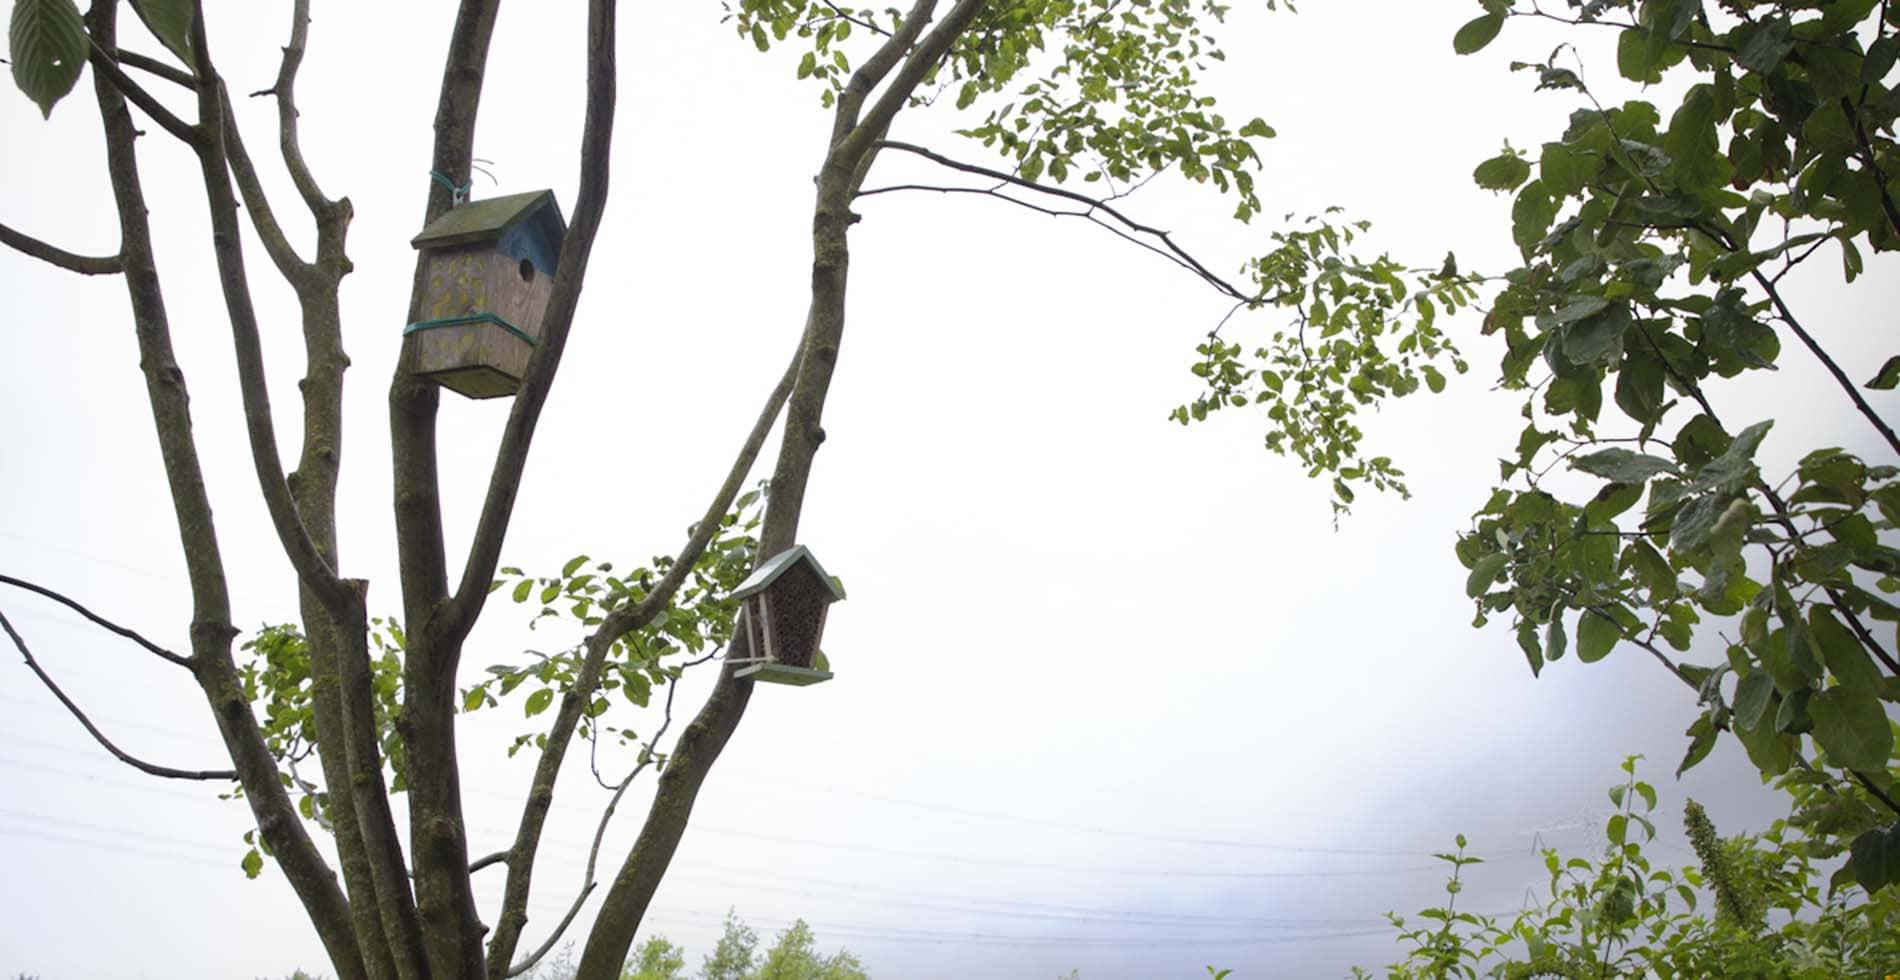 Tuinaanleg voor Strootman landschapsarchtecten